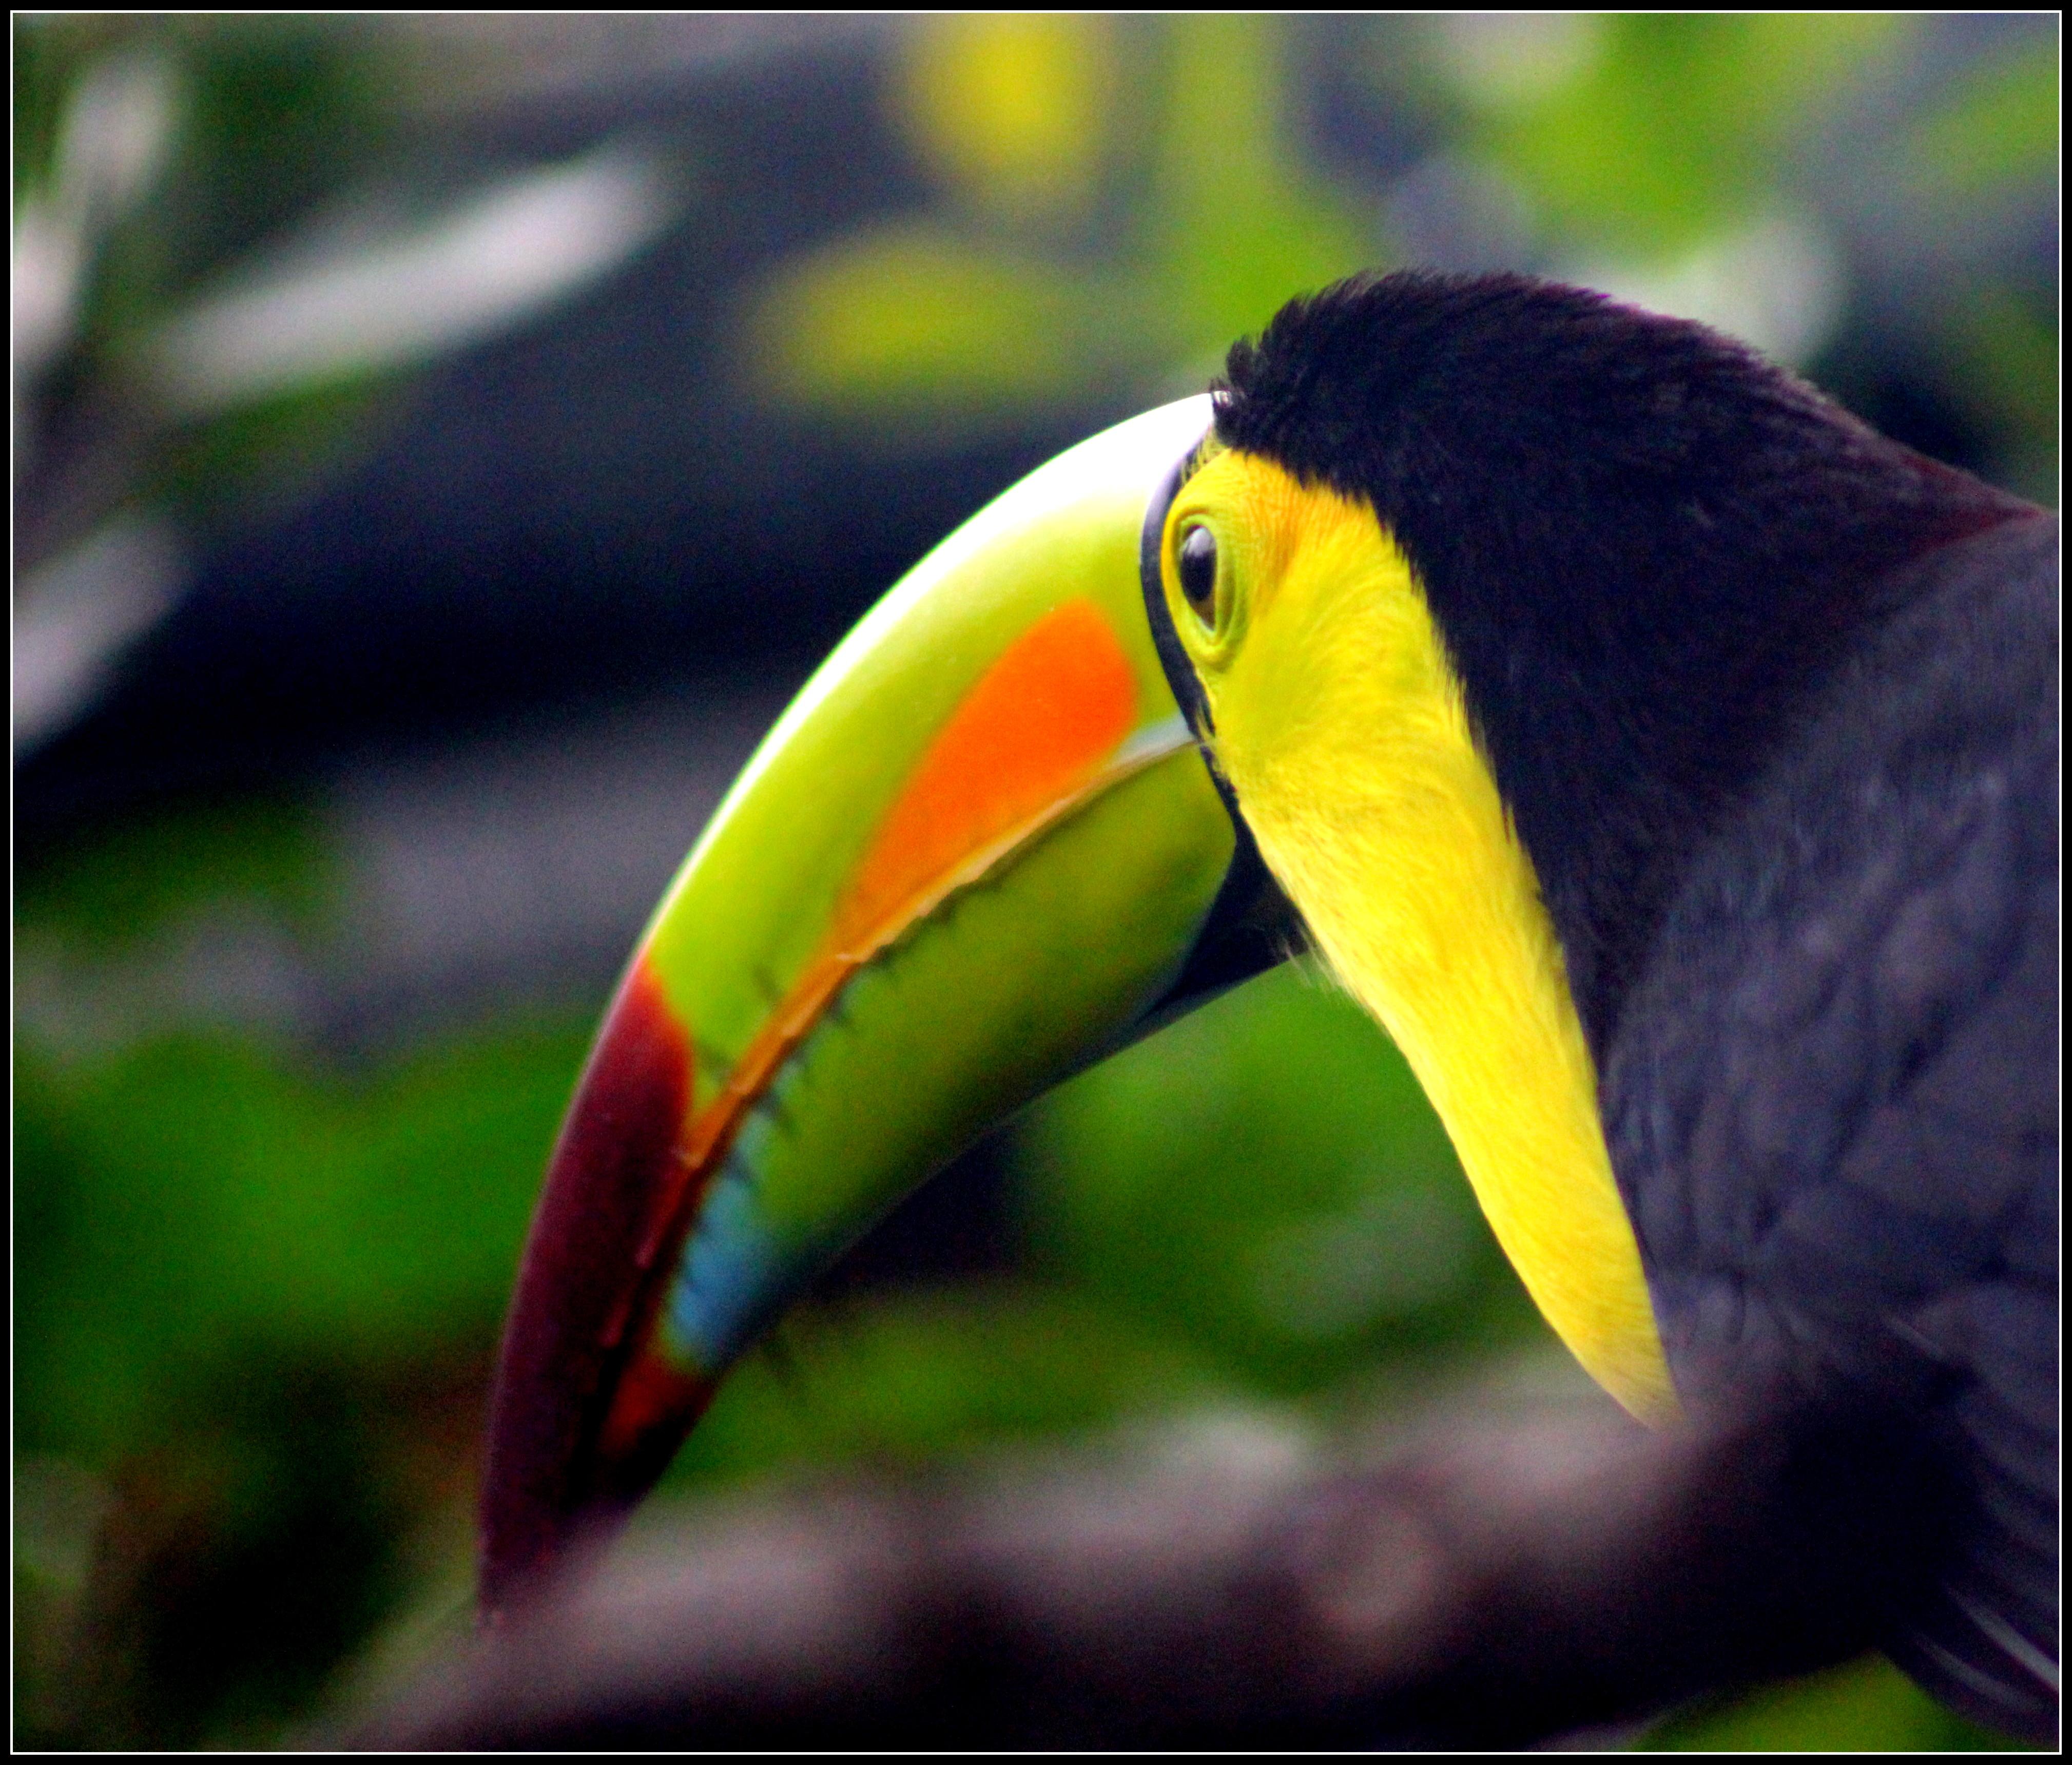 File:Keel-billed Toucan (7223039148).jpg - Wikimedia Commons